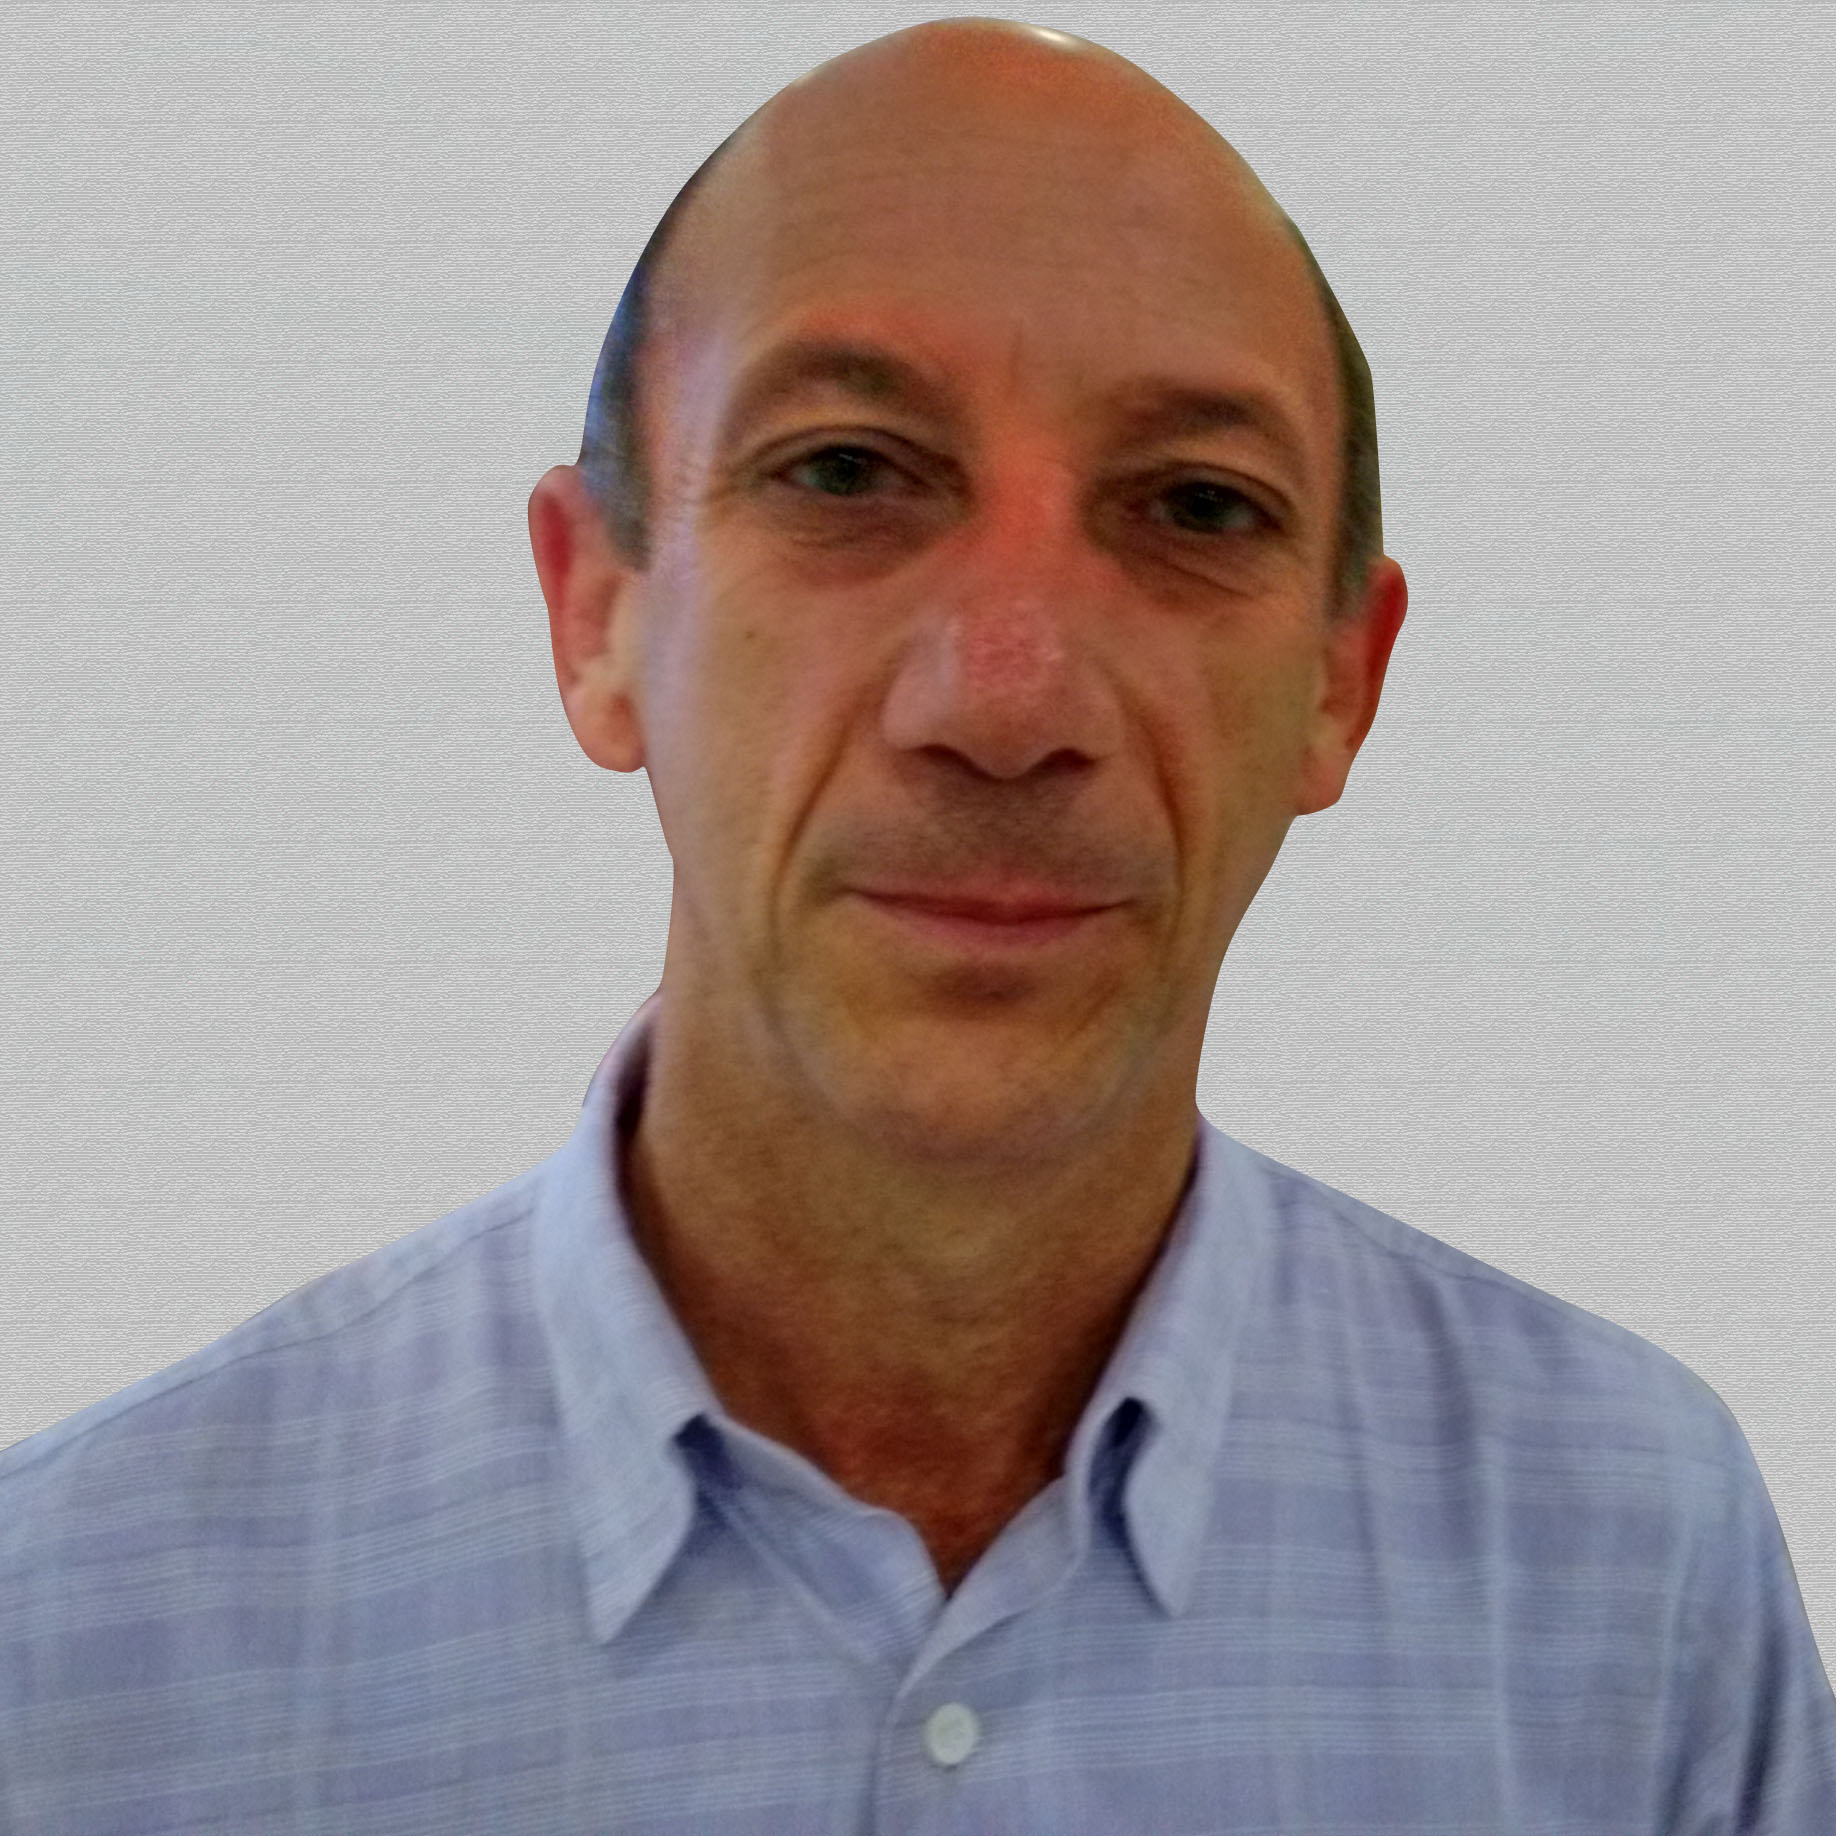 José Carlos de Siqueira